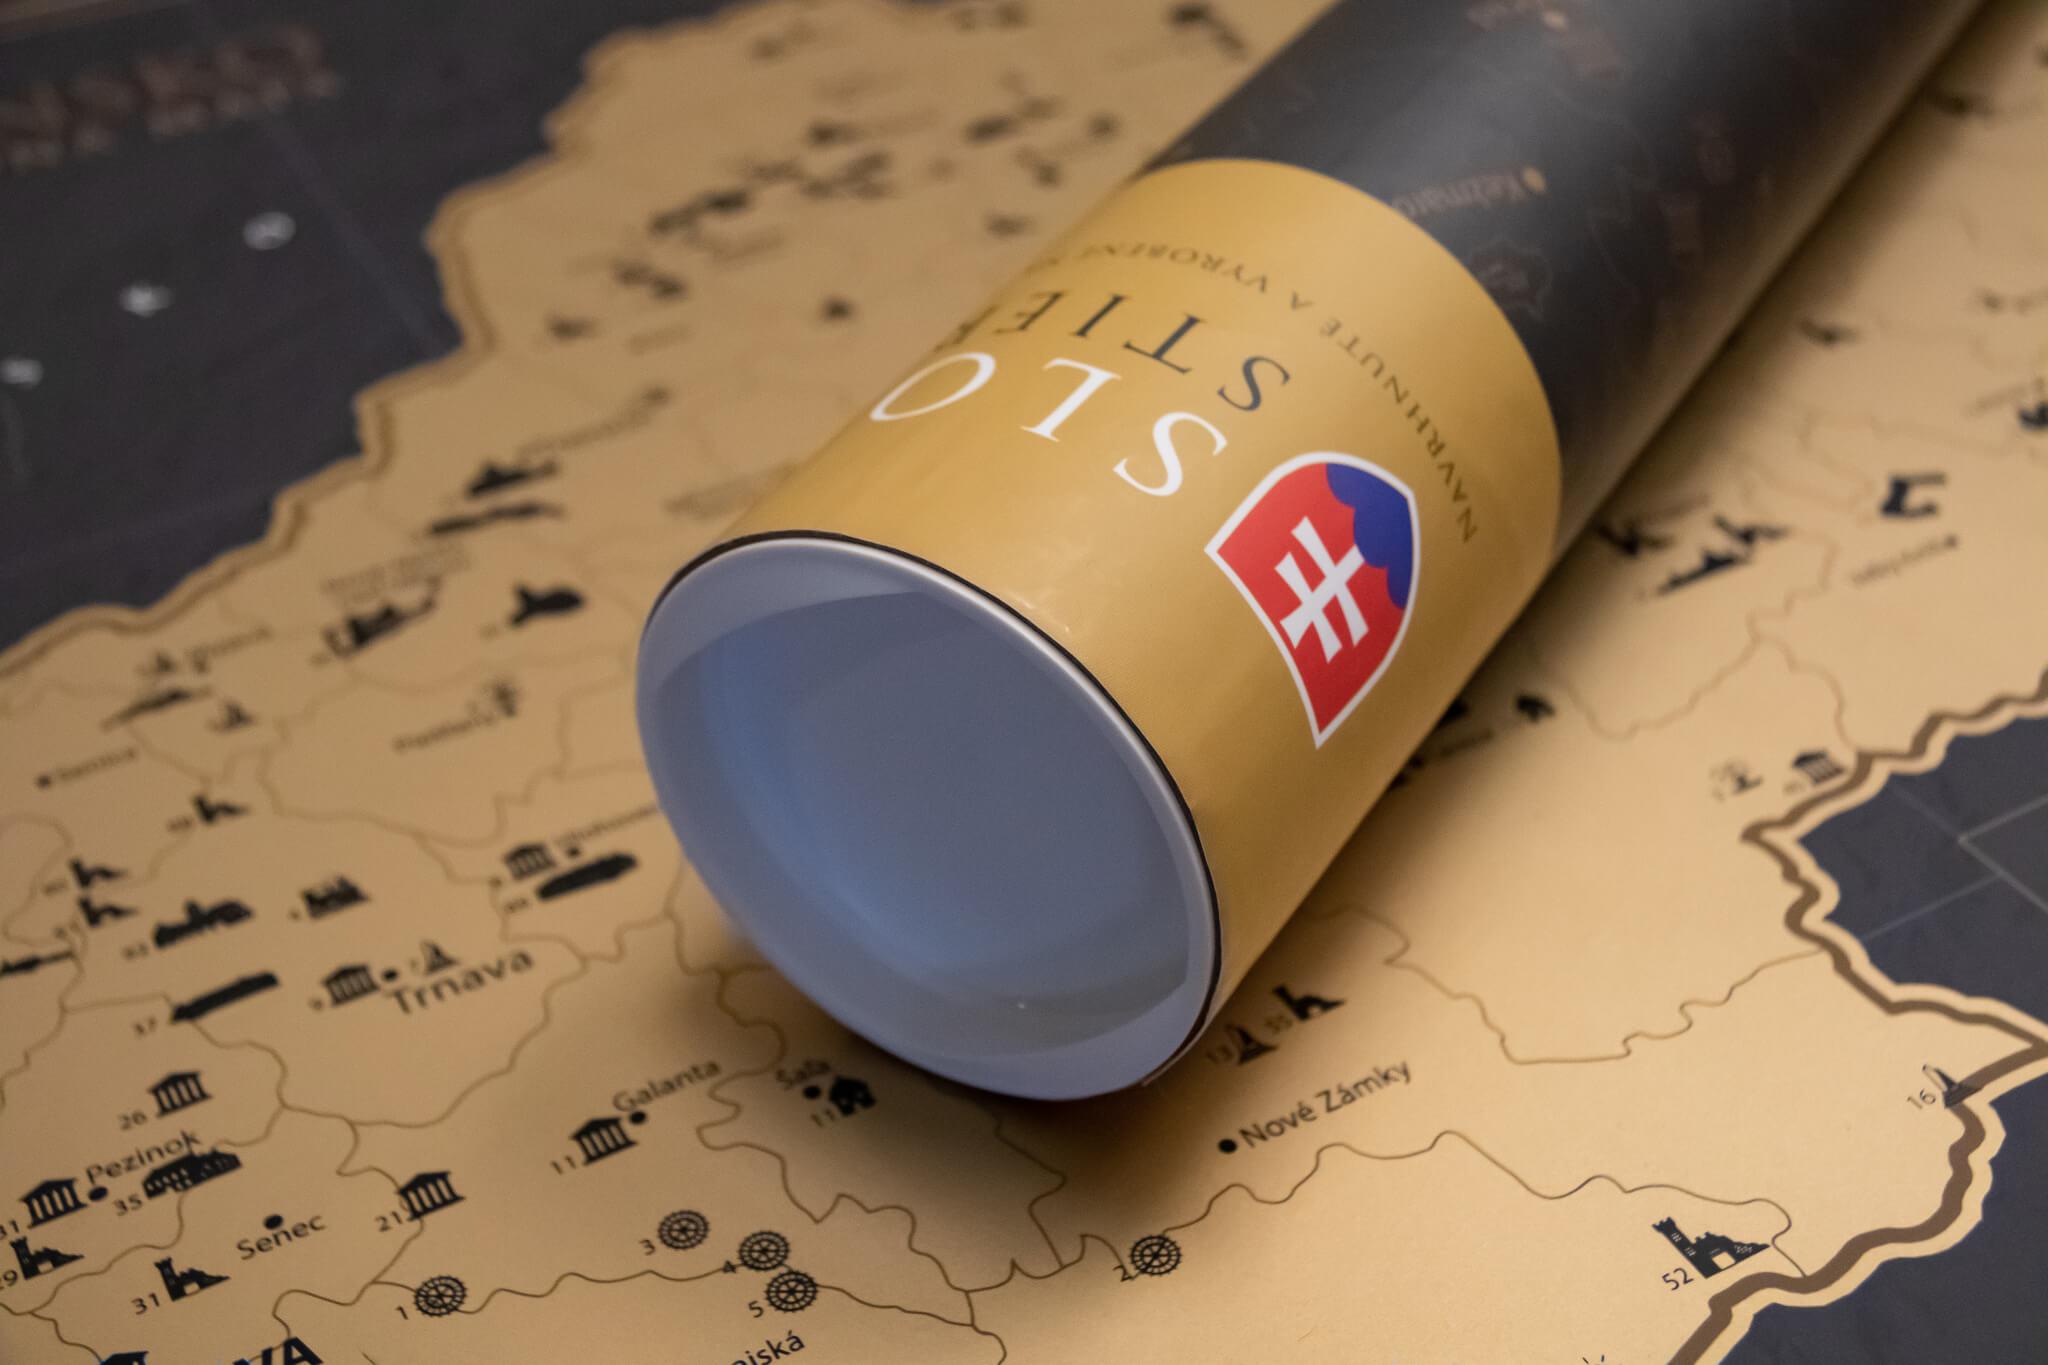 Carte de la Slovaquie à gratter - détail du tube d'emballage